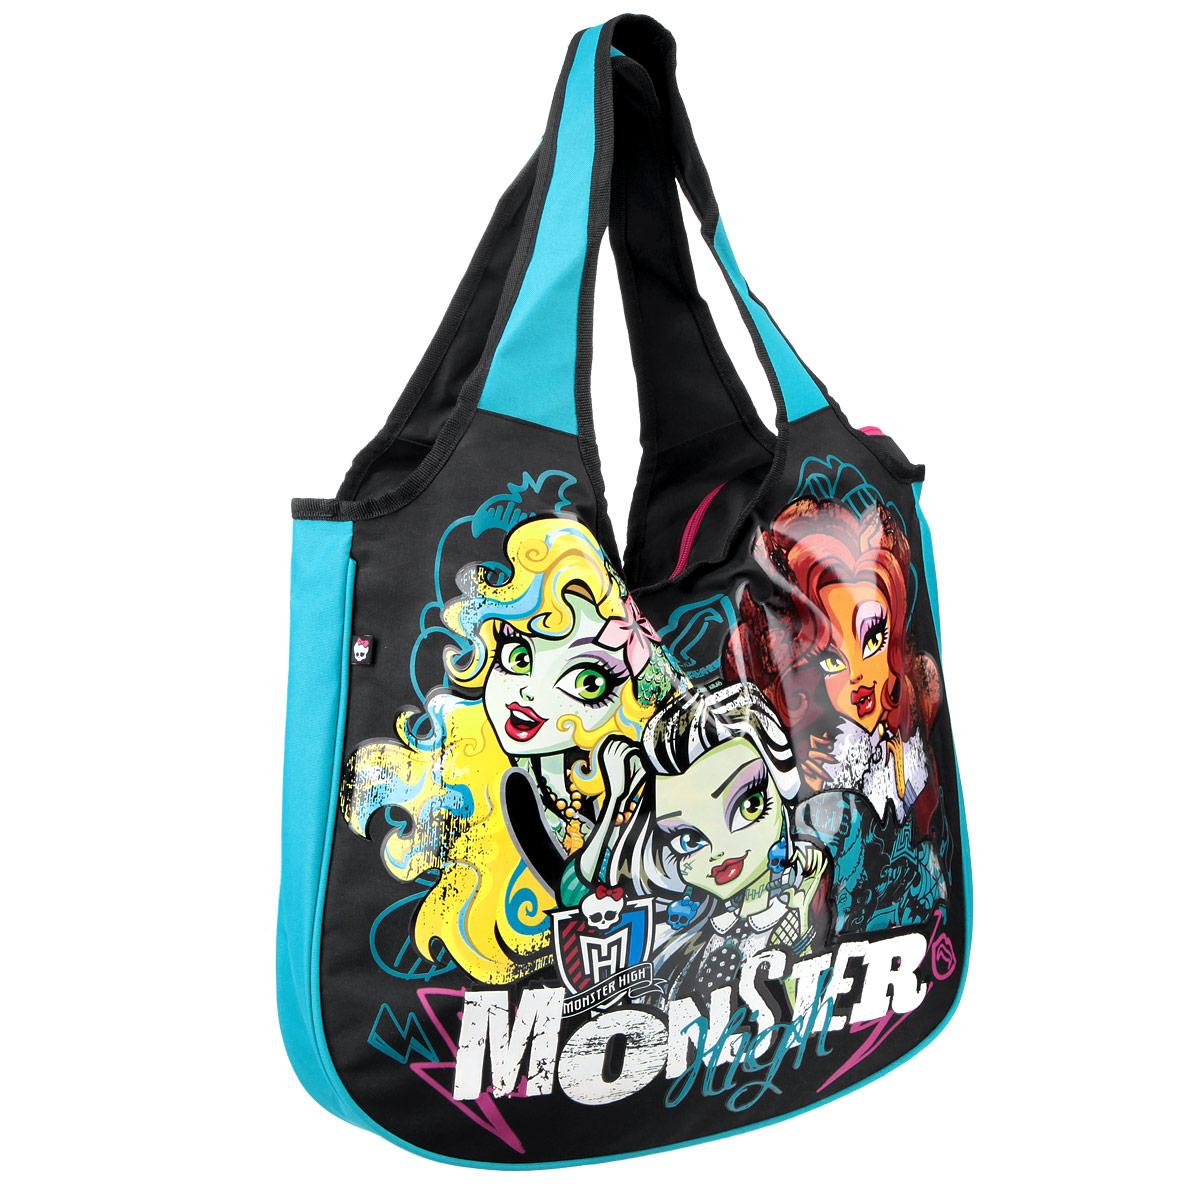 Эффектная детская сумка Monster High обязательно понравится вашему ребенку. Сумочка выполнена из легкого текстильного материала и украшена ярким принтом с изображением героев одноименного популярного мультсериала и прозрачным фрагментом в форме летучей мыши. Сумка имеет одно большое внутреннее отделение, которое застегивается на молнию. Яркую сумку с длинными текстильными ручками можно носить как в руках, так и на плече. Ручки выполнены цельными с основой, благодаря чему предотвращается возможное повреждение в местах их соединения с корпусом. К сумке пристегнут небольшой текстильный кошелек на молнии, который может использоваться отдельно.